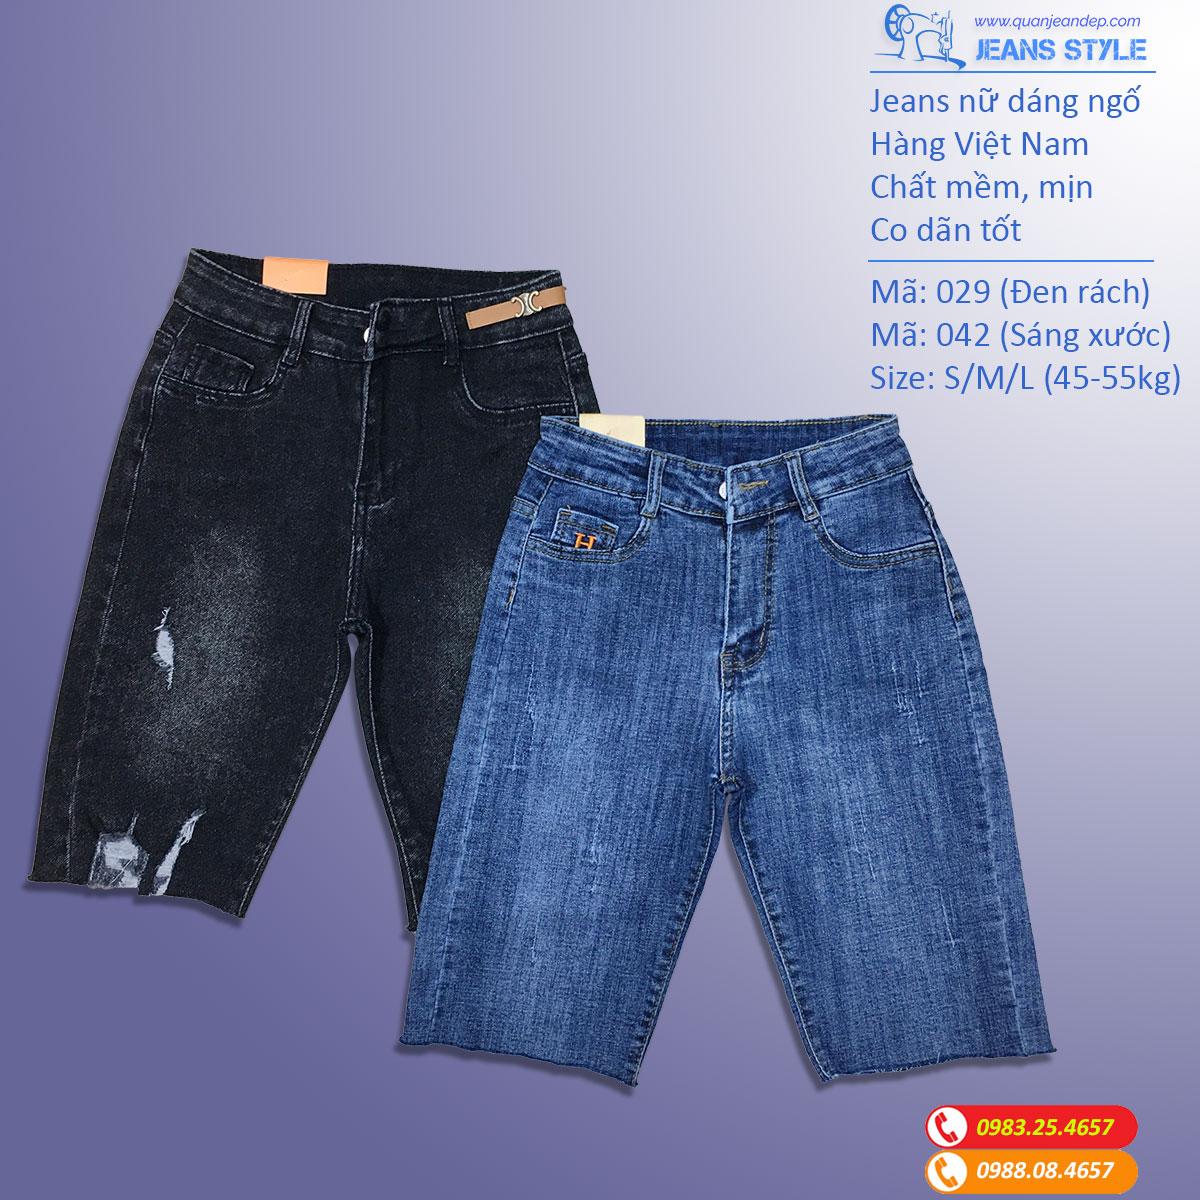 Jeans ngố nữ dáng ôm vừa, cạp cao, co dãn 029-042 Giá:270.000,00 ₫